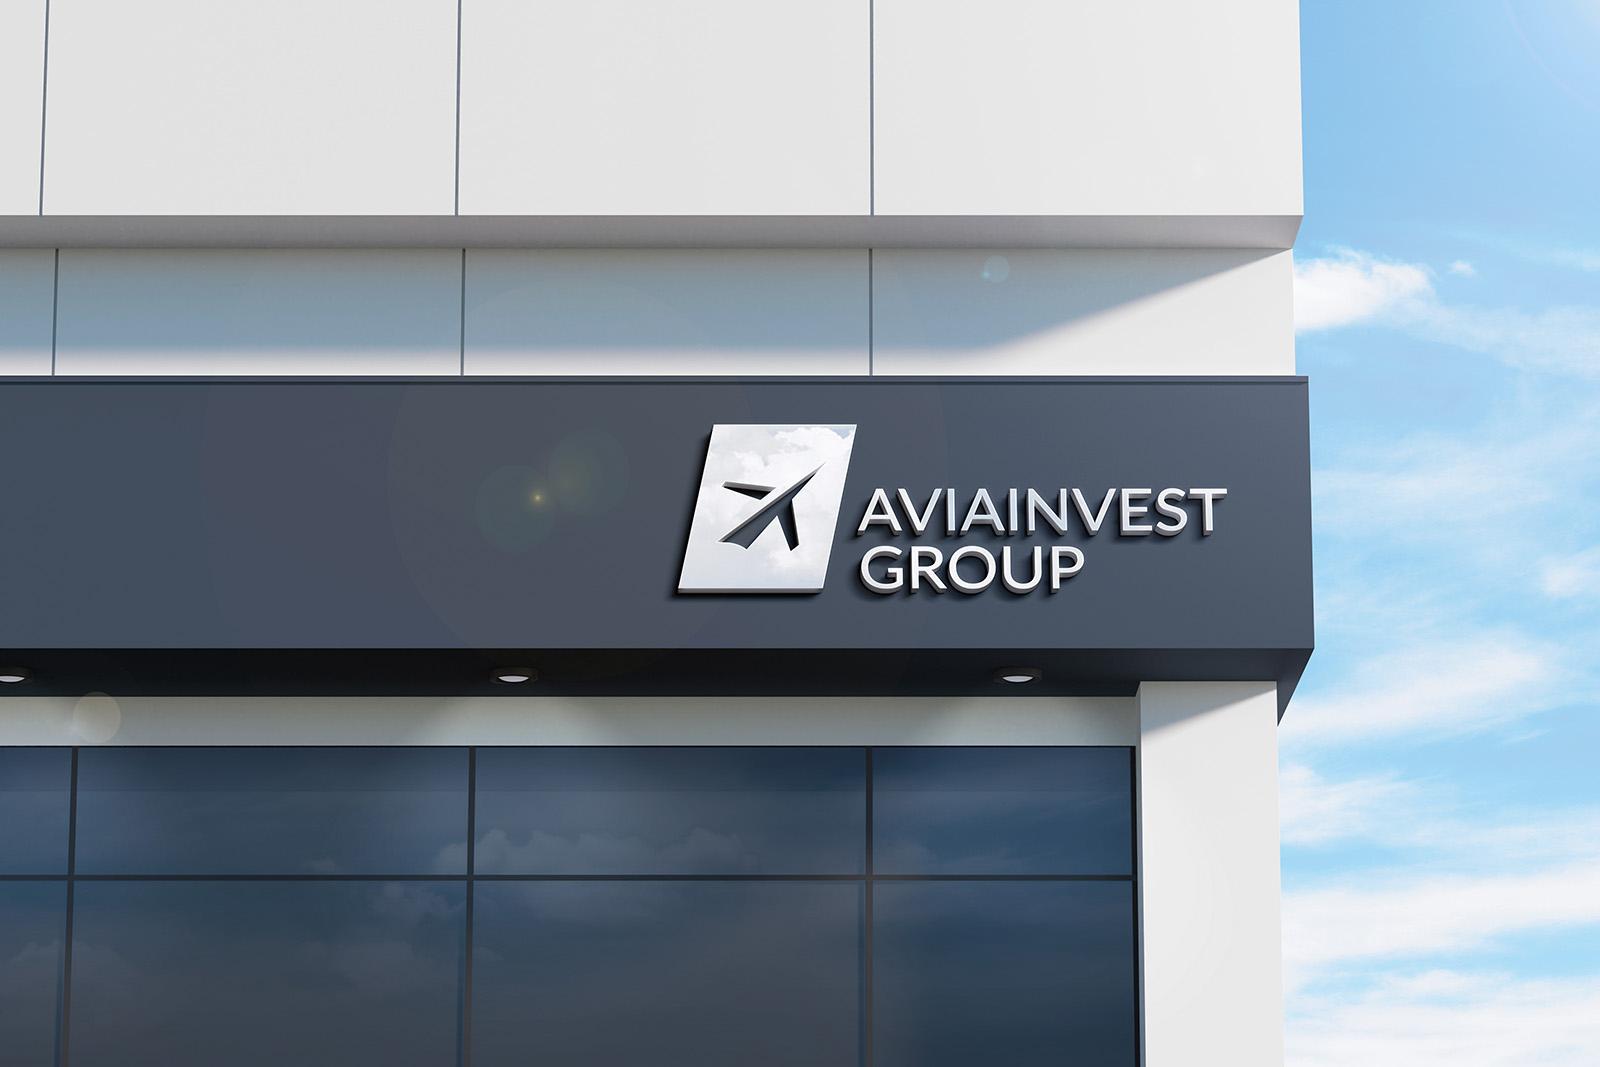 Aviainvest Group branding